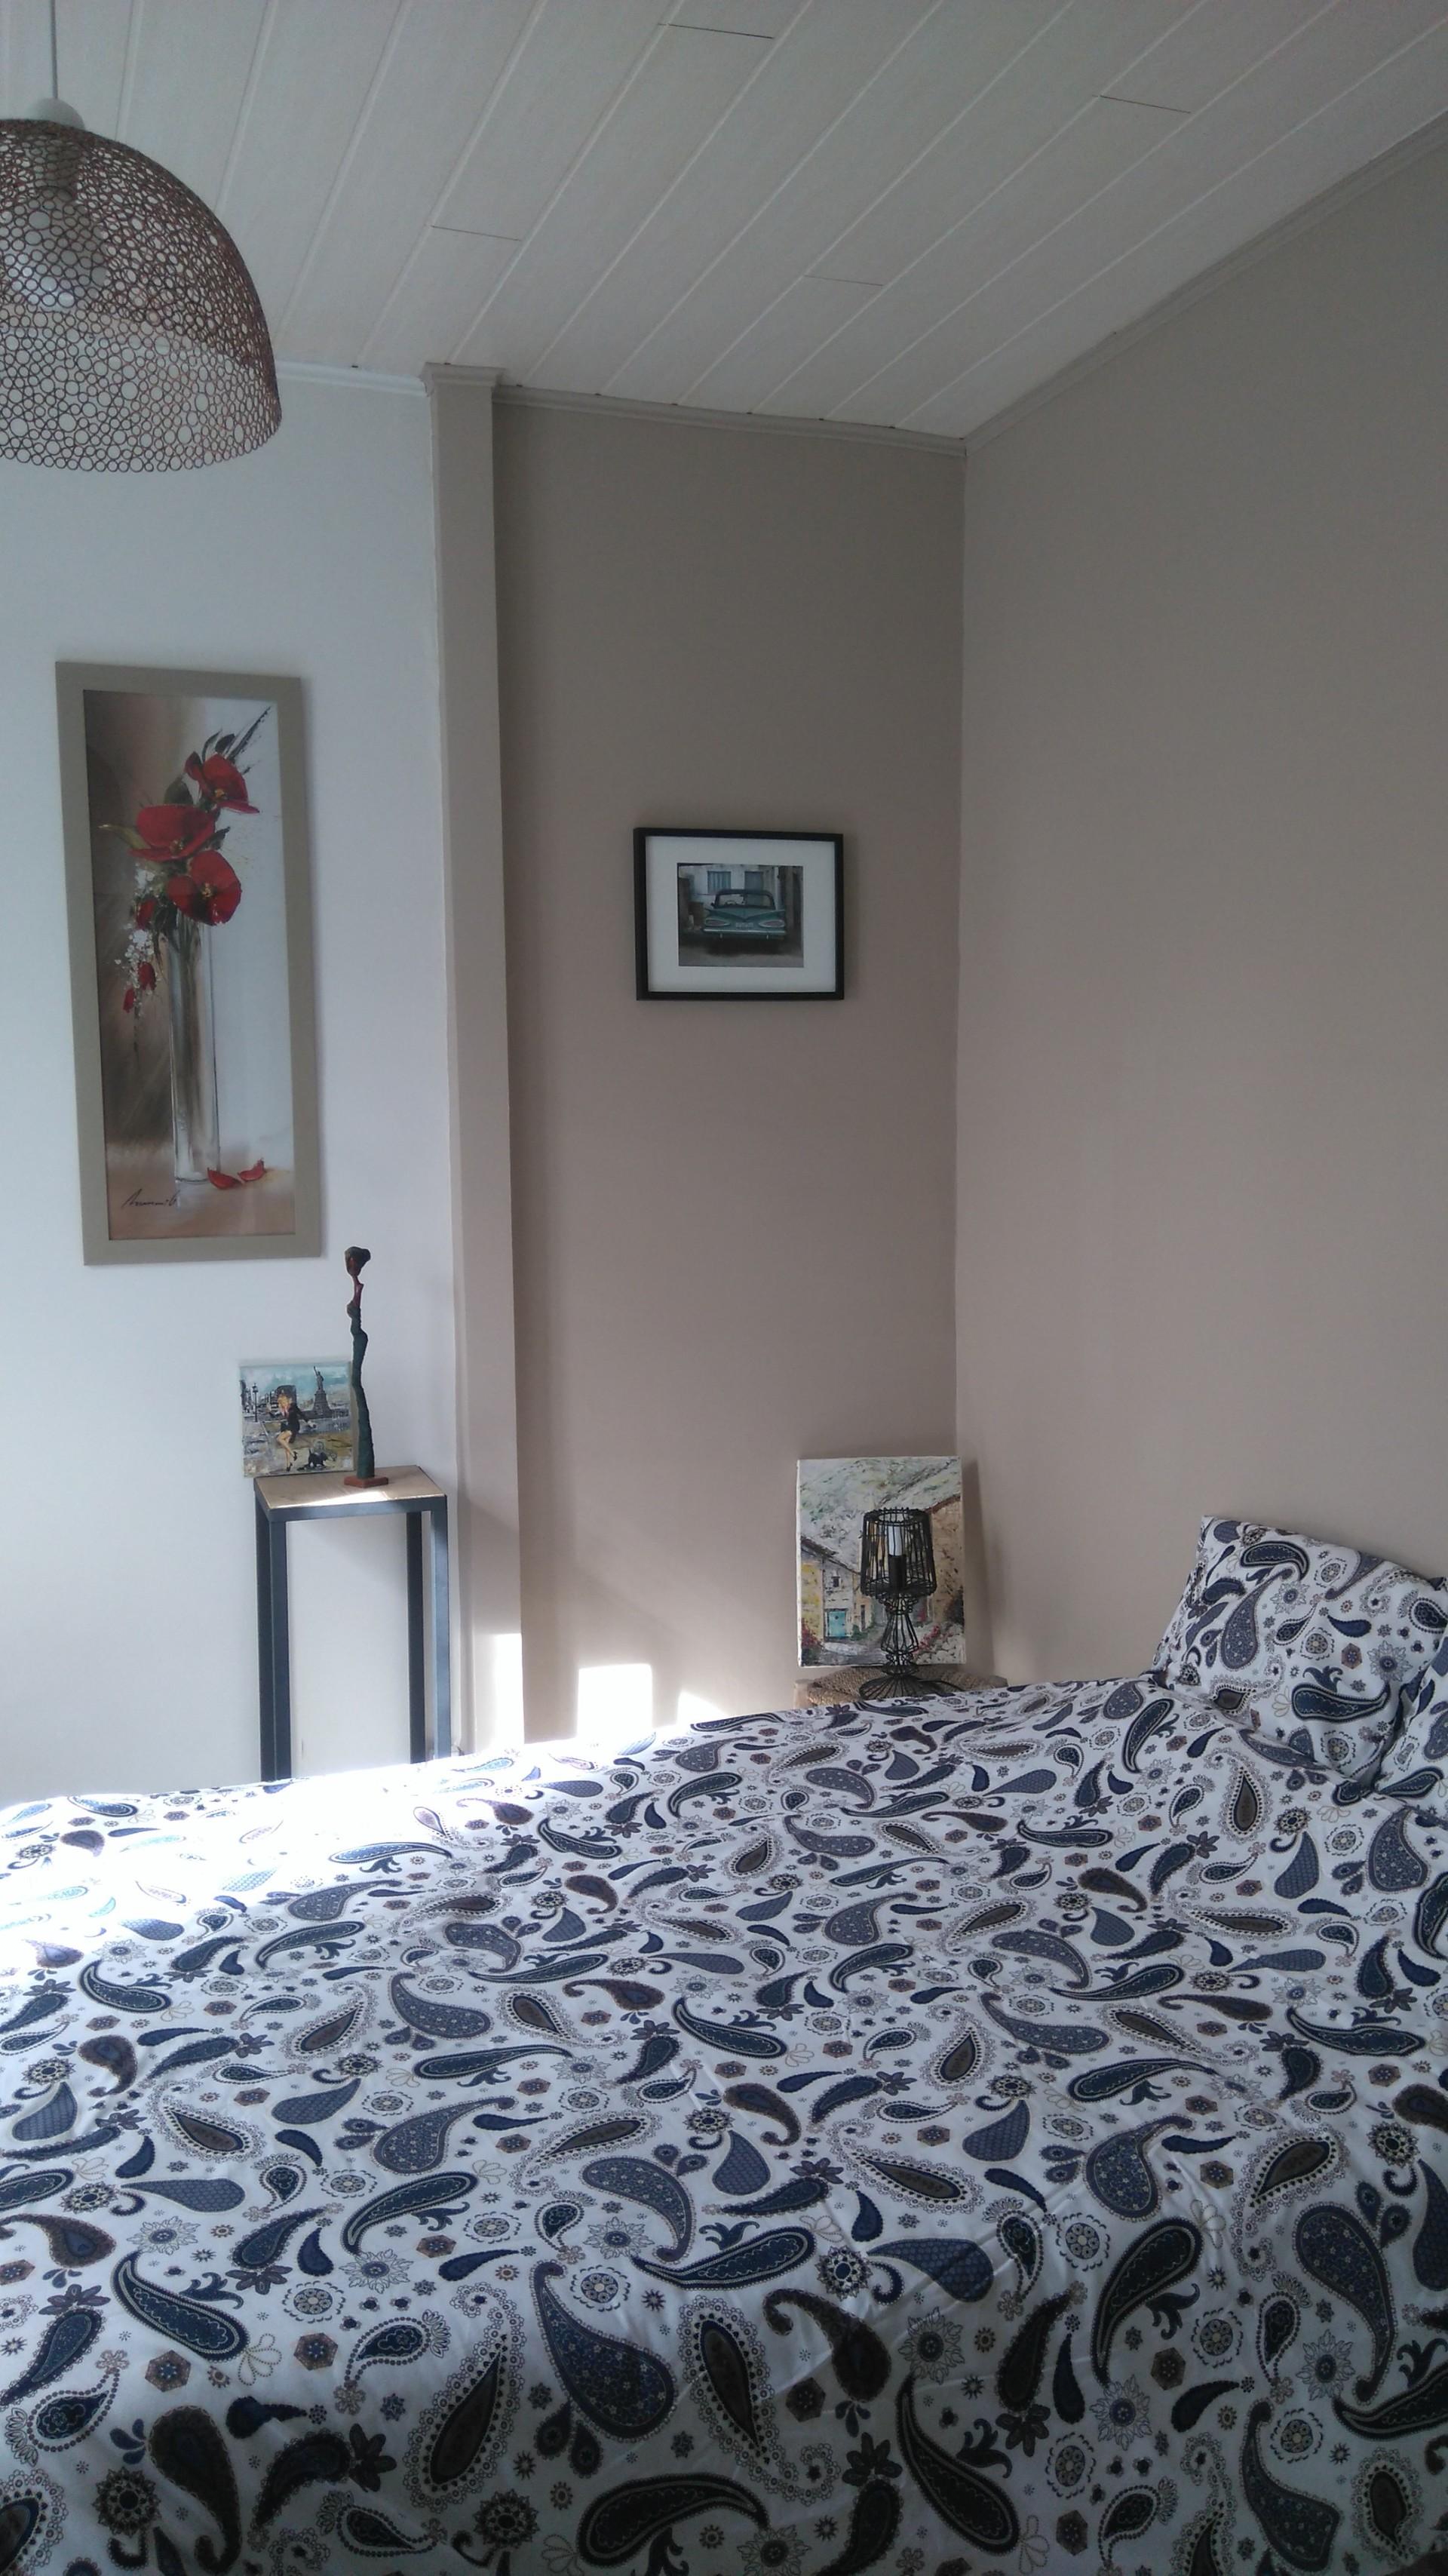 Chambre dans une maison avec petit jardin location chambres nantes - Hygrometrie ideale dans une maison ...